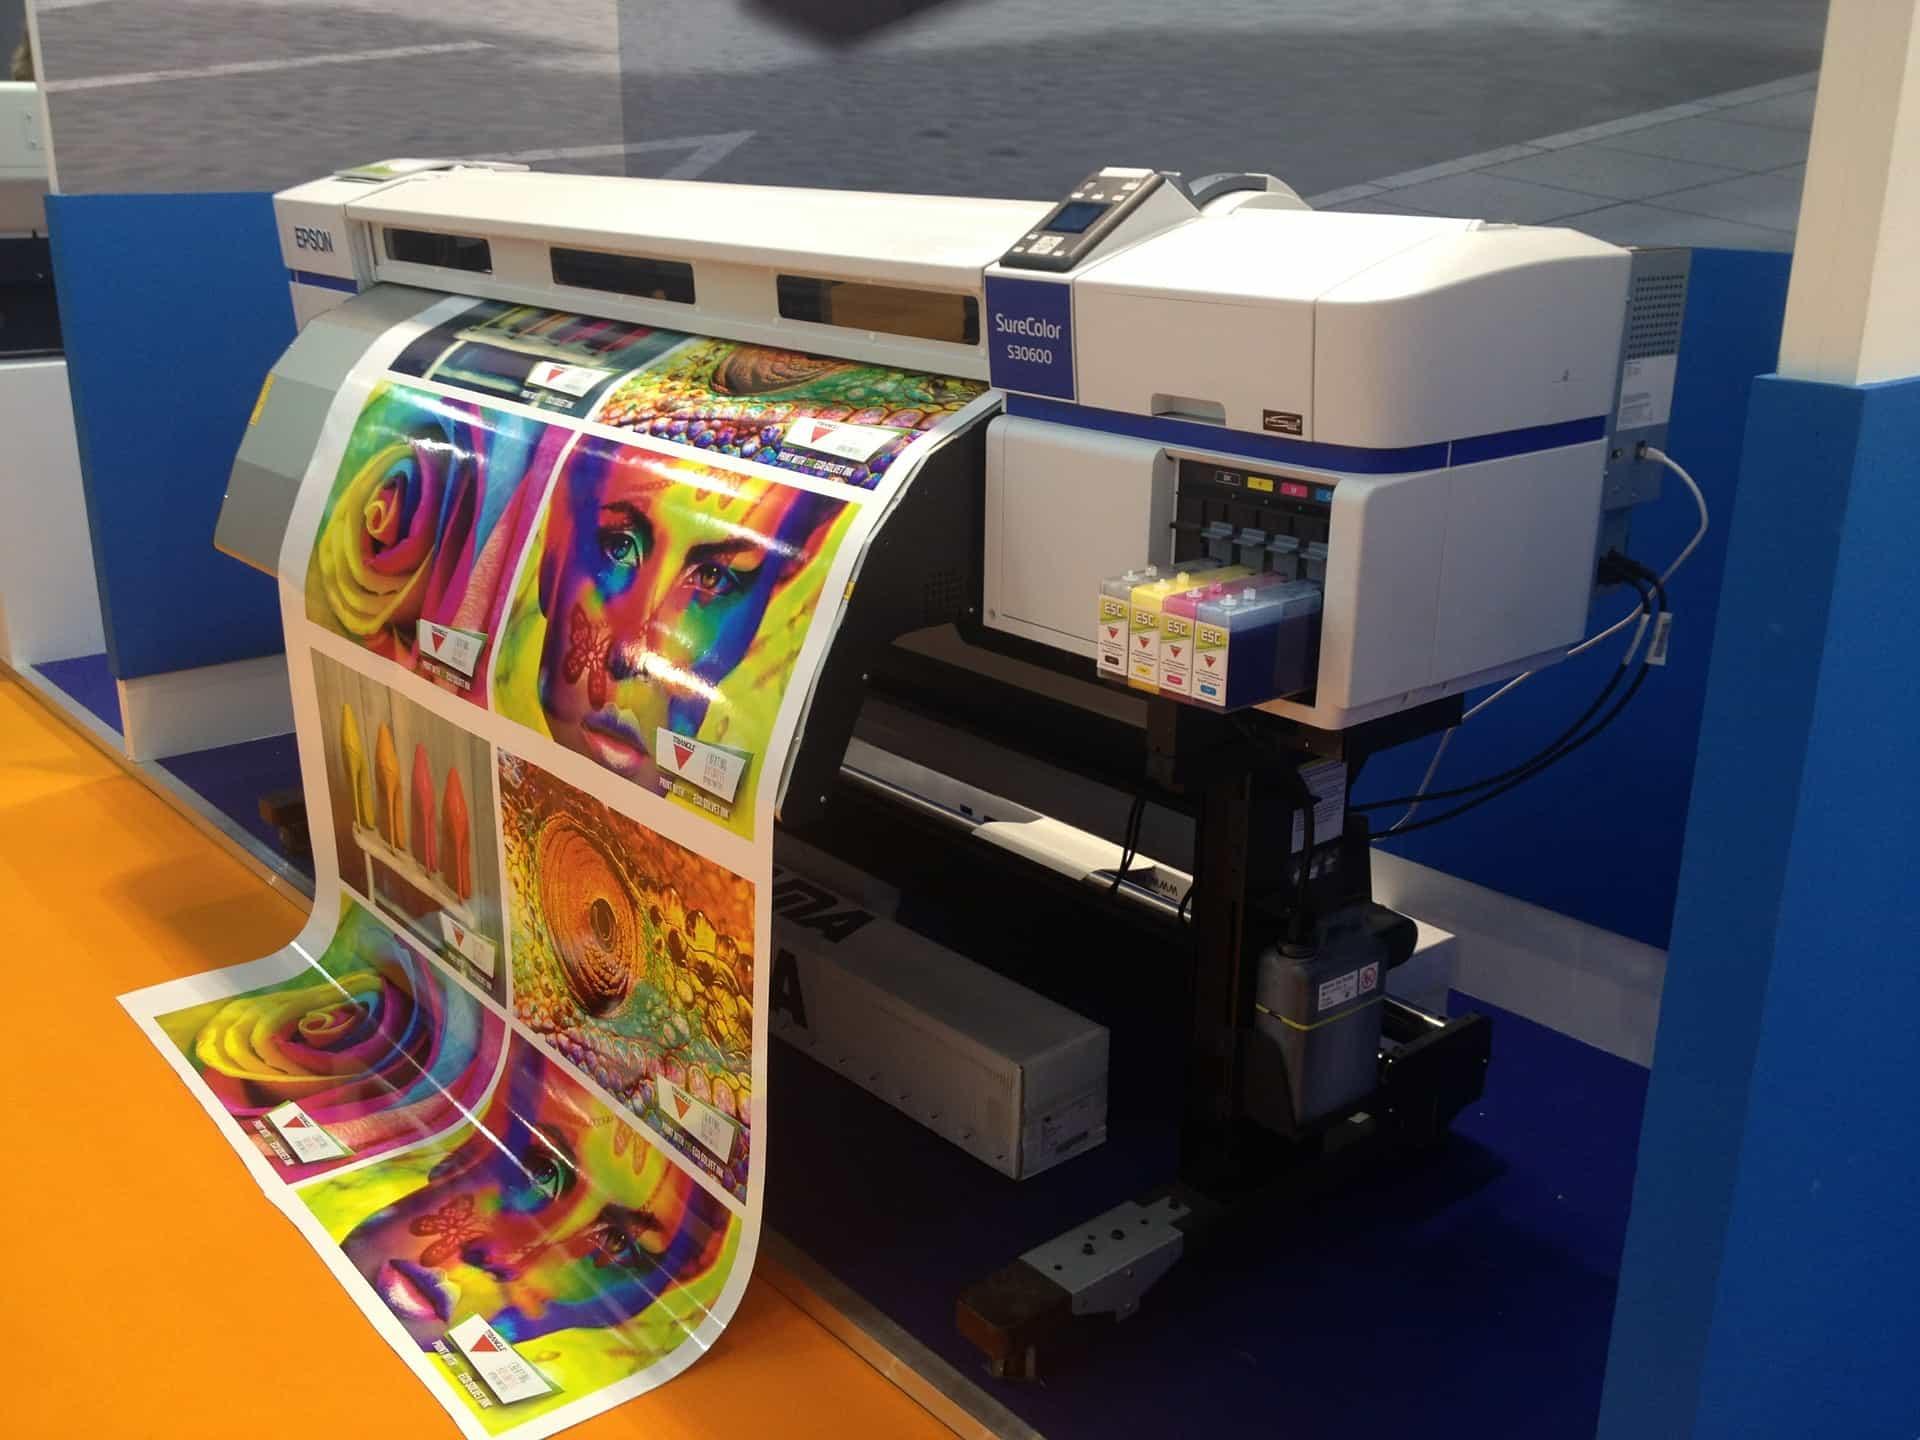 máquinas láser de impresión